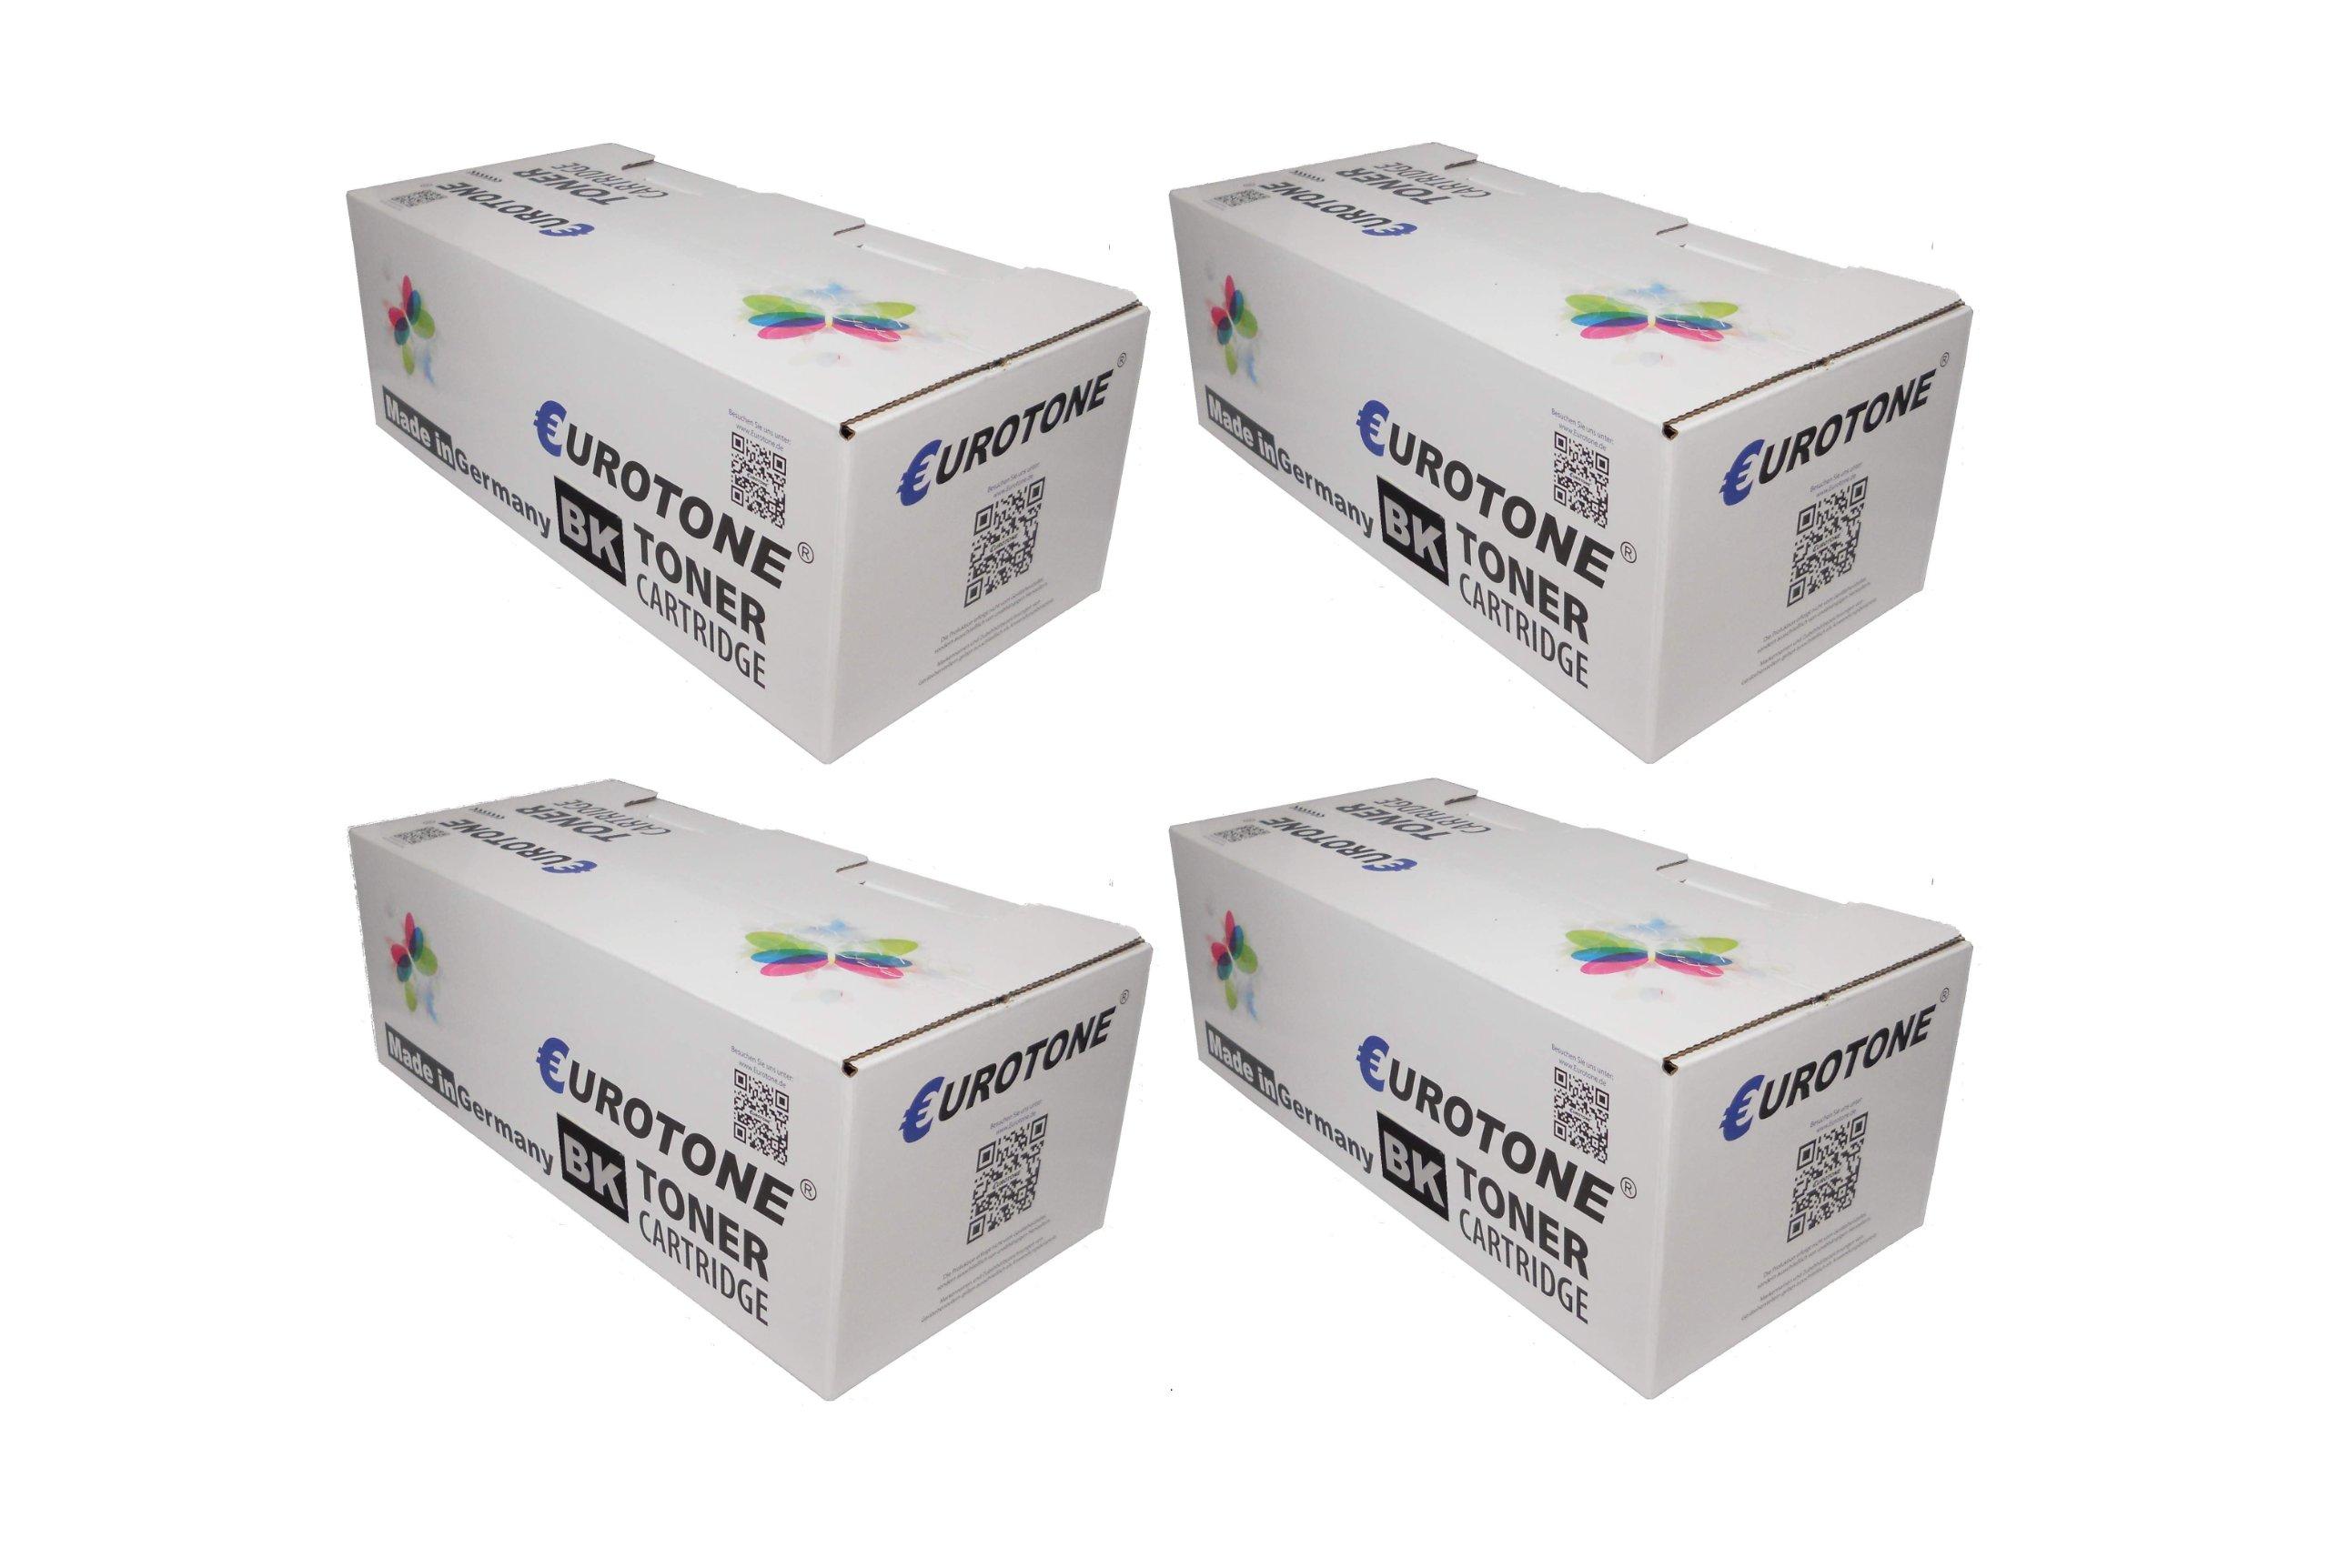 4x Eurotone Toner cartucce per Samsung ProXpress C2670FW /SEE und C2620DW /SEE sostituito NERO CLT-K